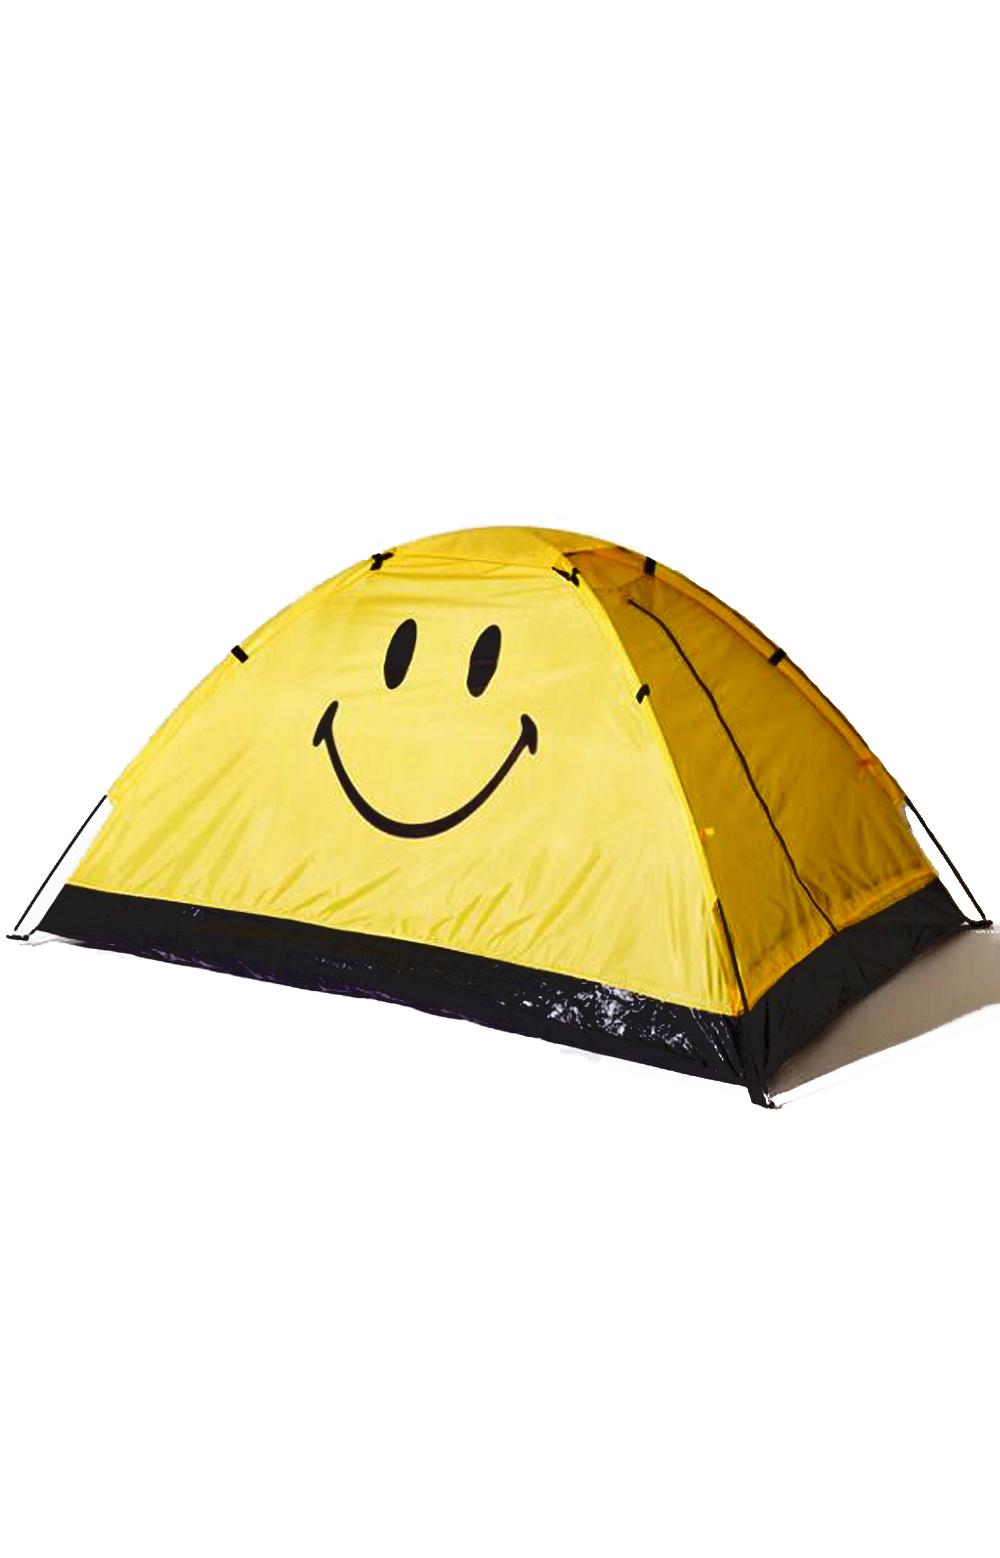 【CHINATOWN MARKET/チャイナタウンマーケット】SMILEY TENT テント / YELLOW